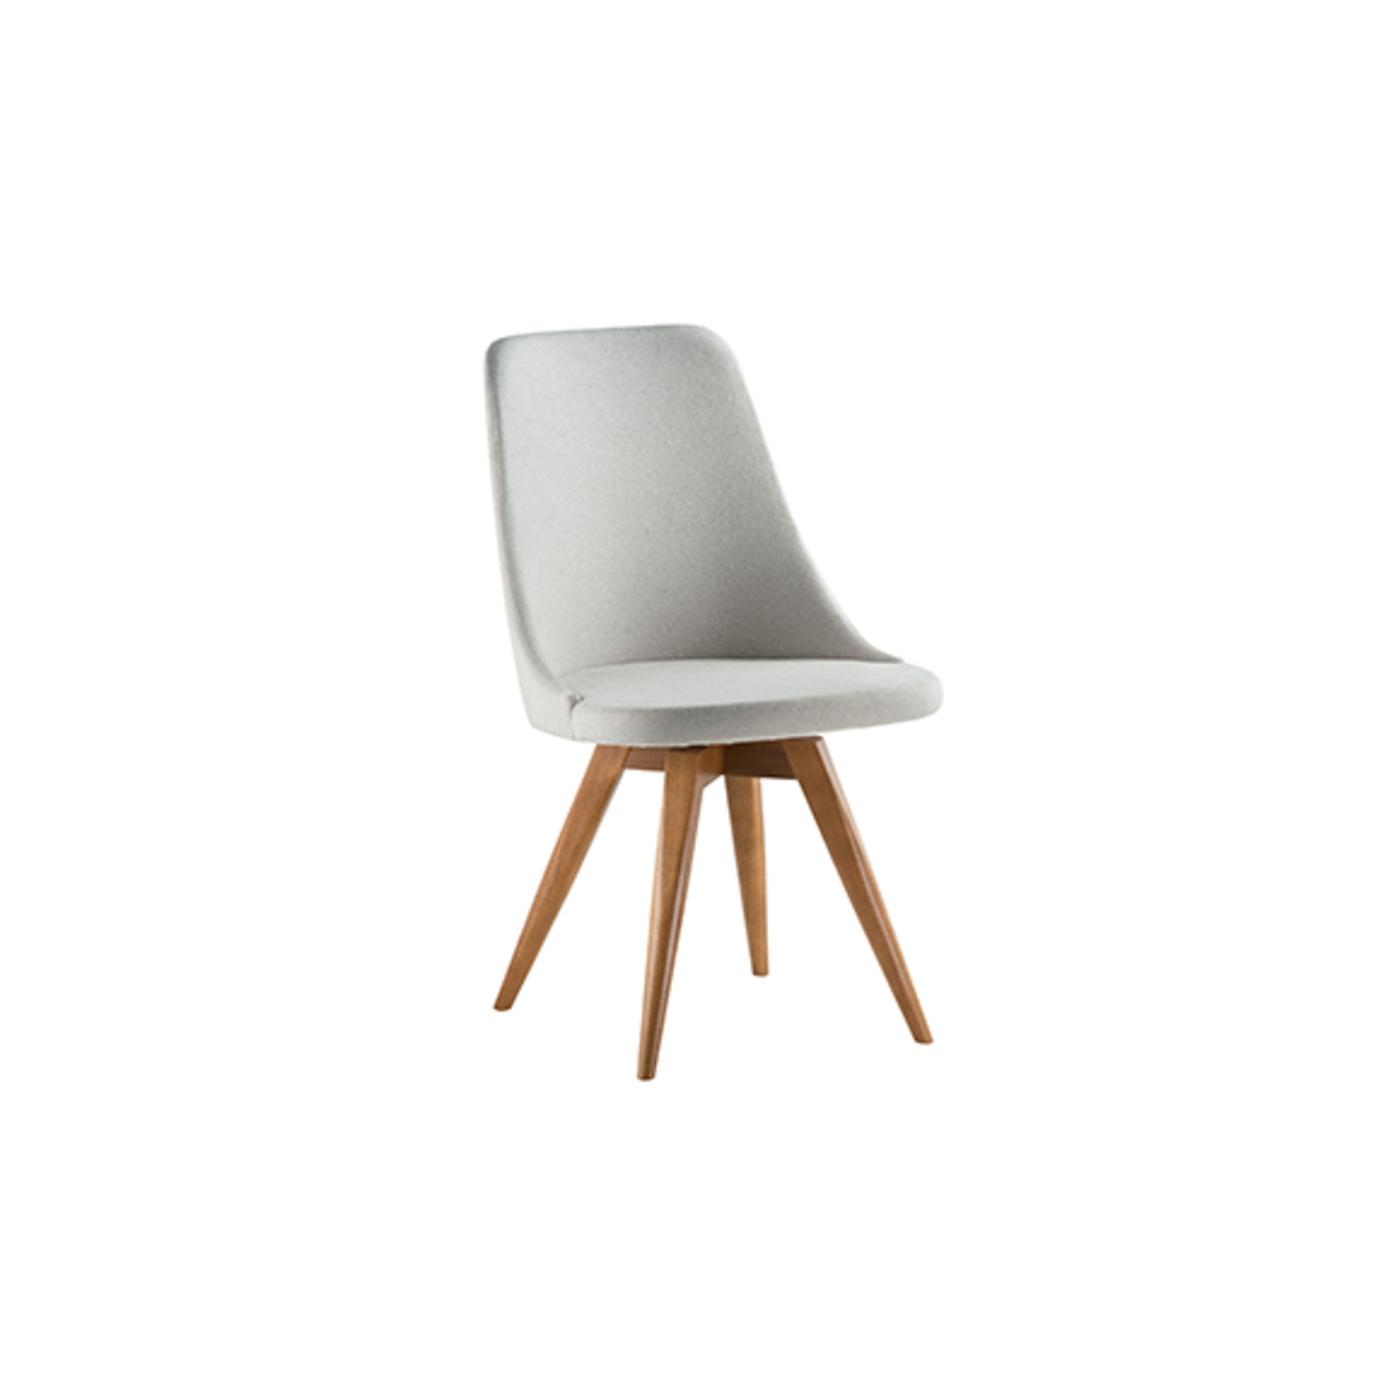 Image of: Cadeira Em Madeira Bia Decoraclic Decora Tudo Em Um Clic